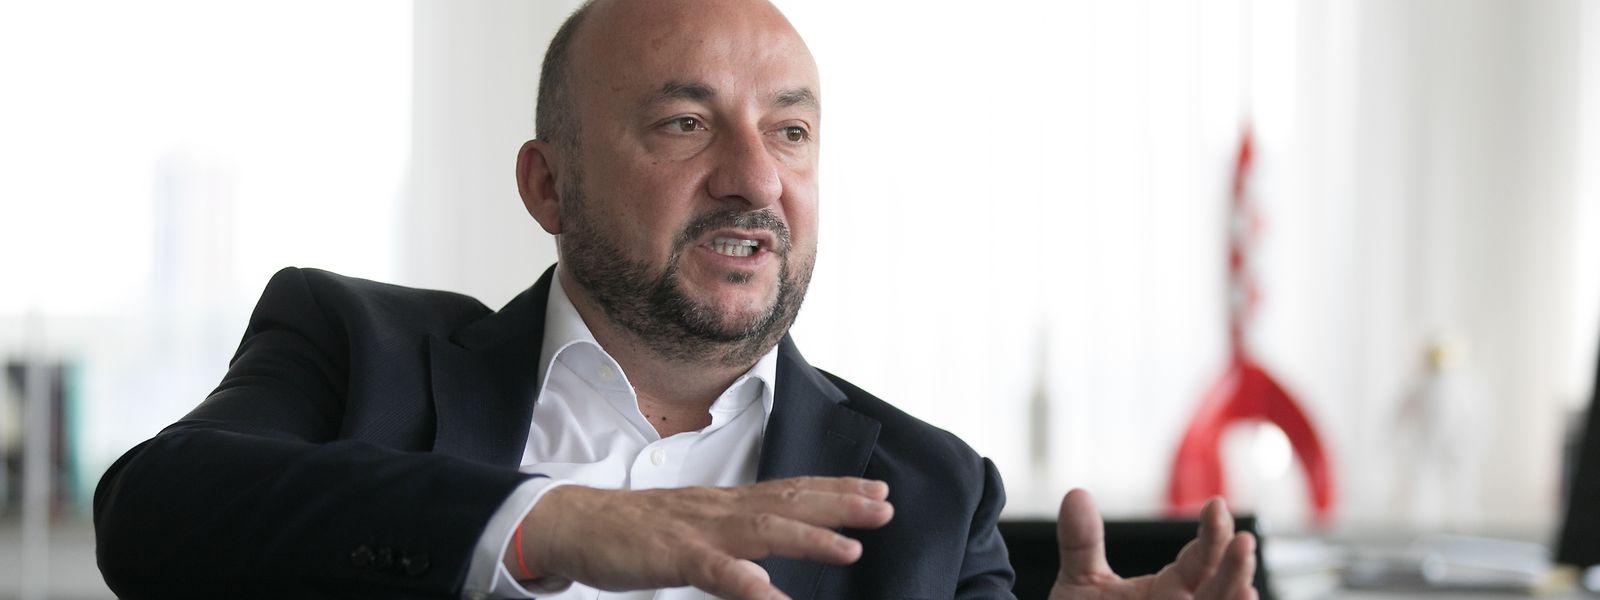 Im Sommerinterview erklärt der Wirtschafts- und Gesundheitsminister die großen Herausforderungen, vor denen Luxemburg steht.